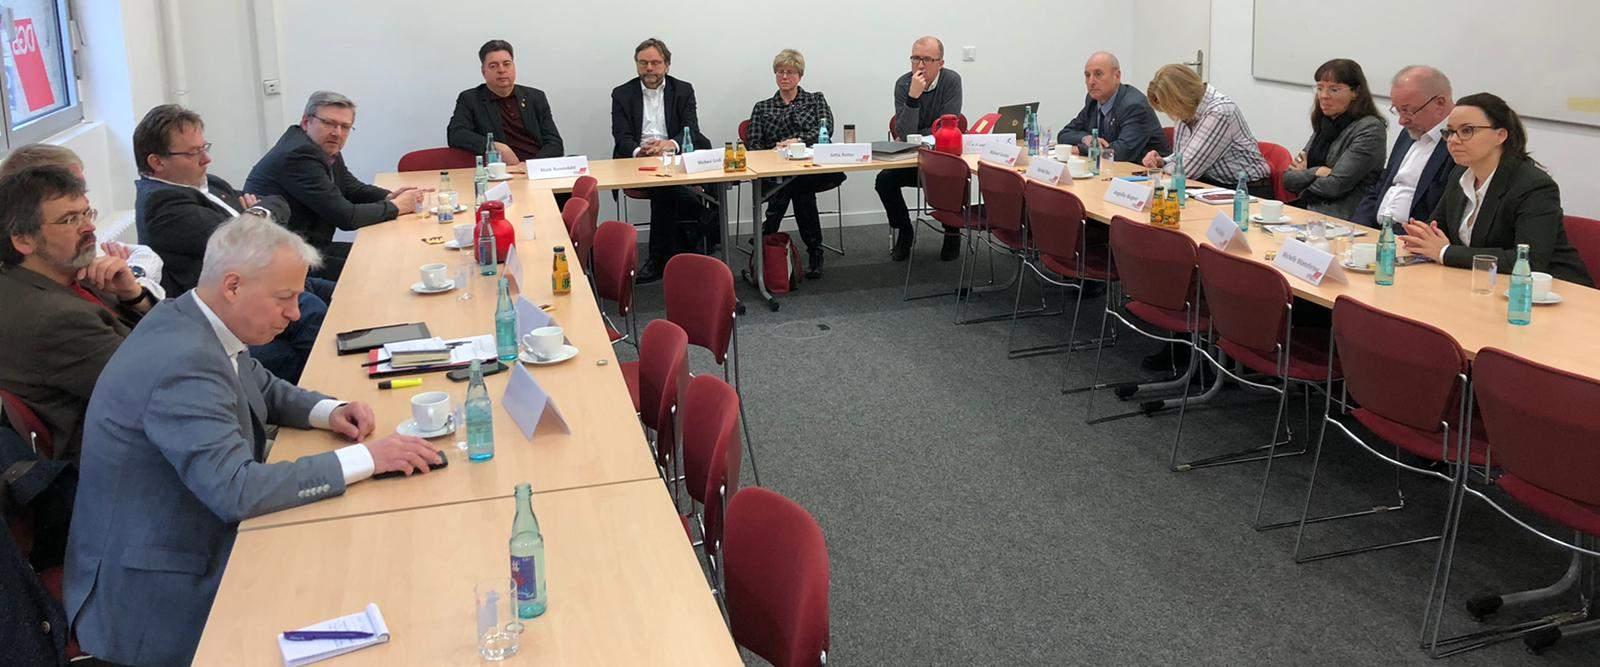 Gespräch DGB-Geschäftsführer mit Bundestagsabgeordneten der SPD